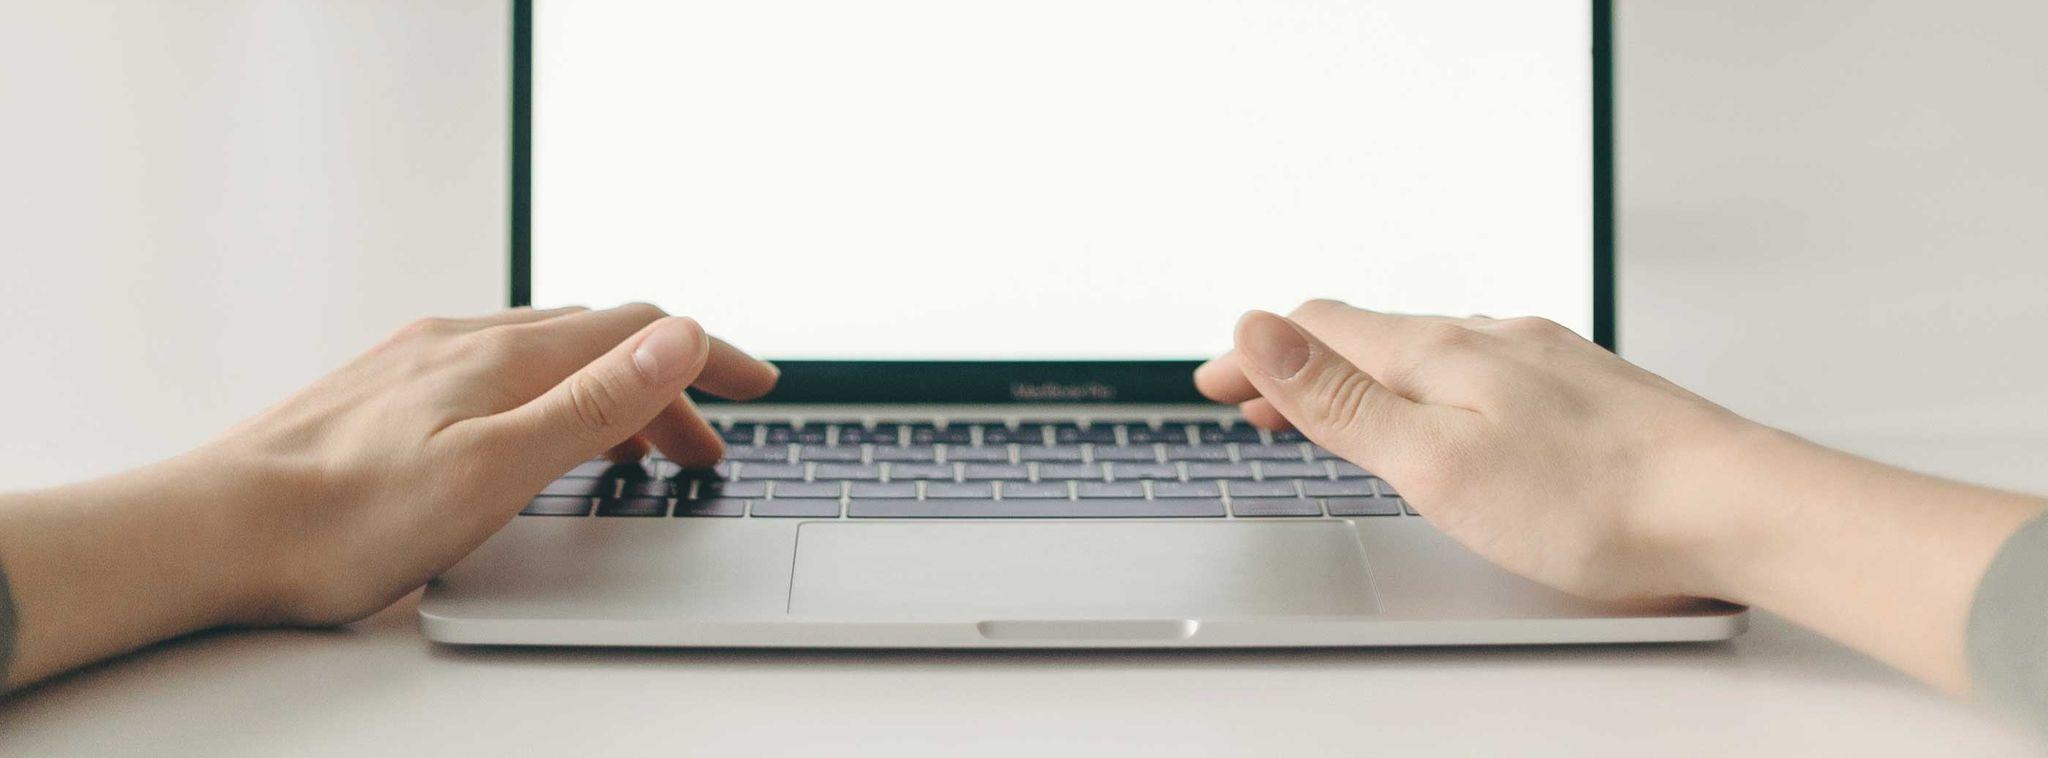 Garantie bei Onlinekauf